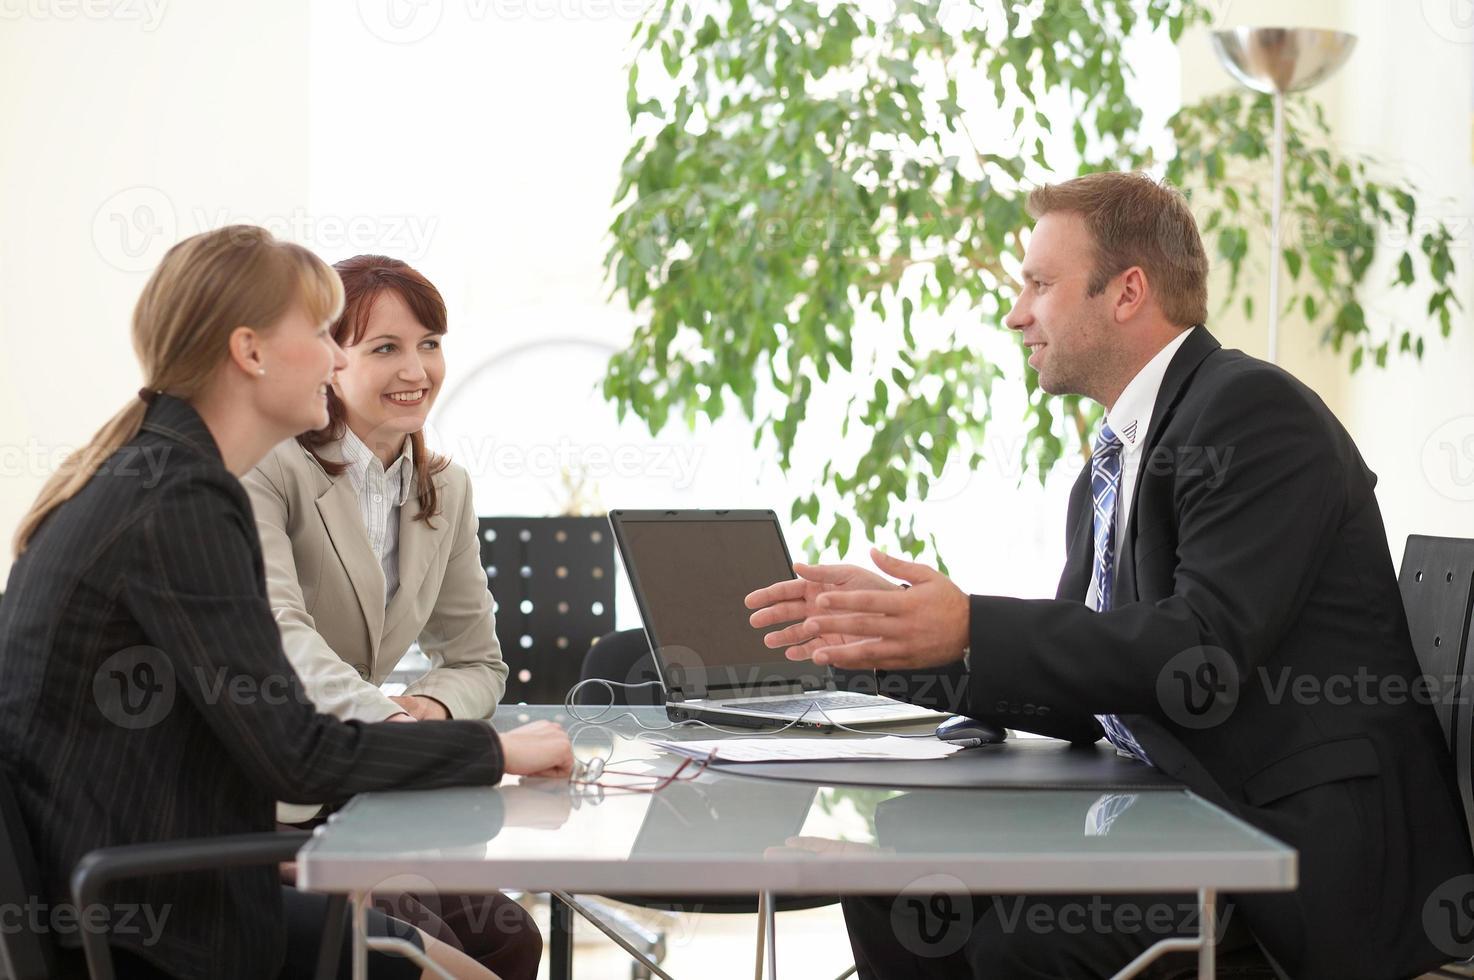 Beratung, Verkäufer, Geschäftsleute diskutieren Arbeit und neue Projekte foto